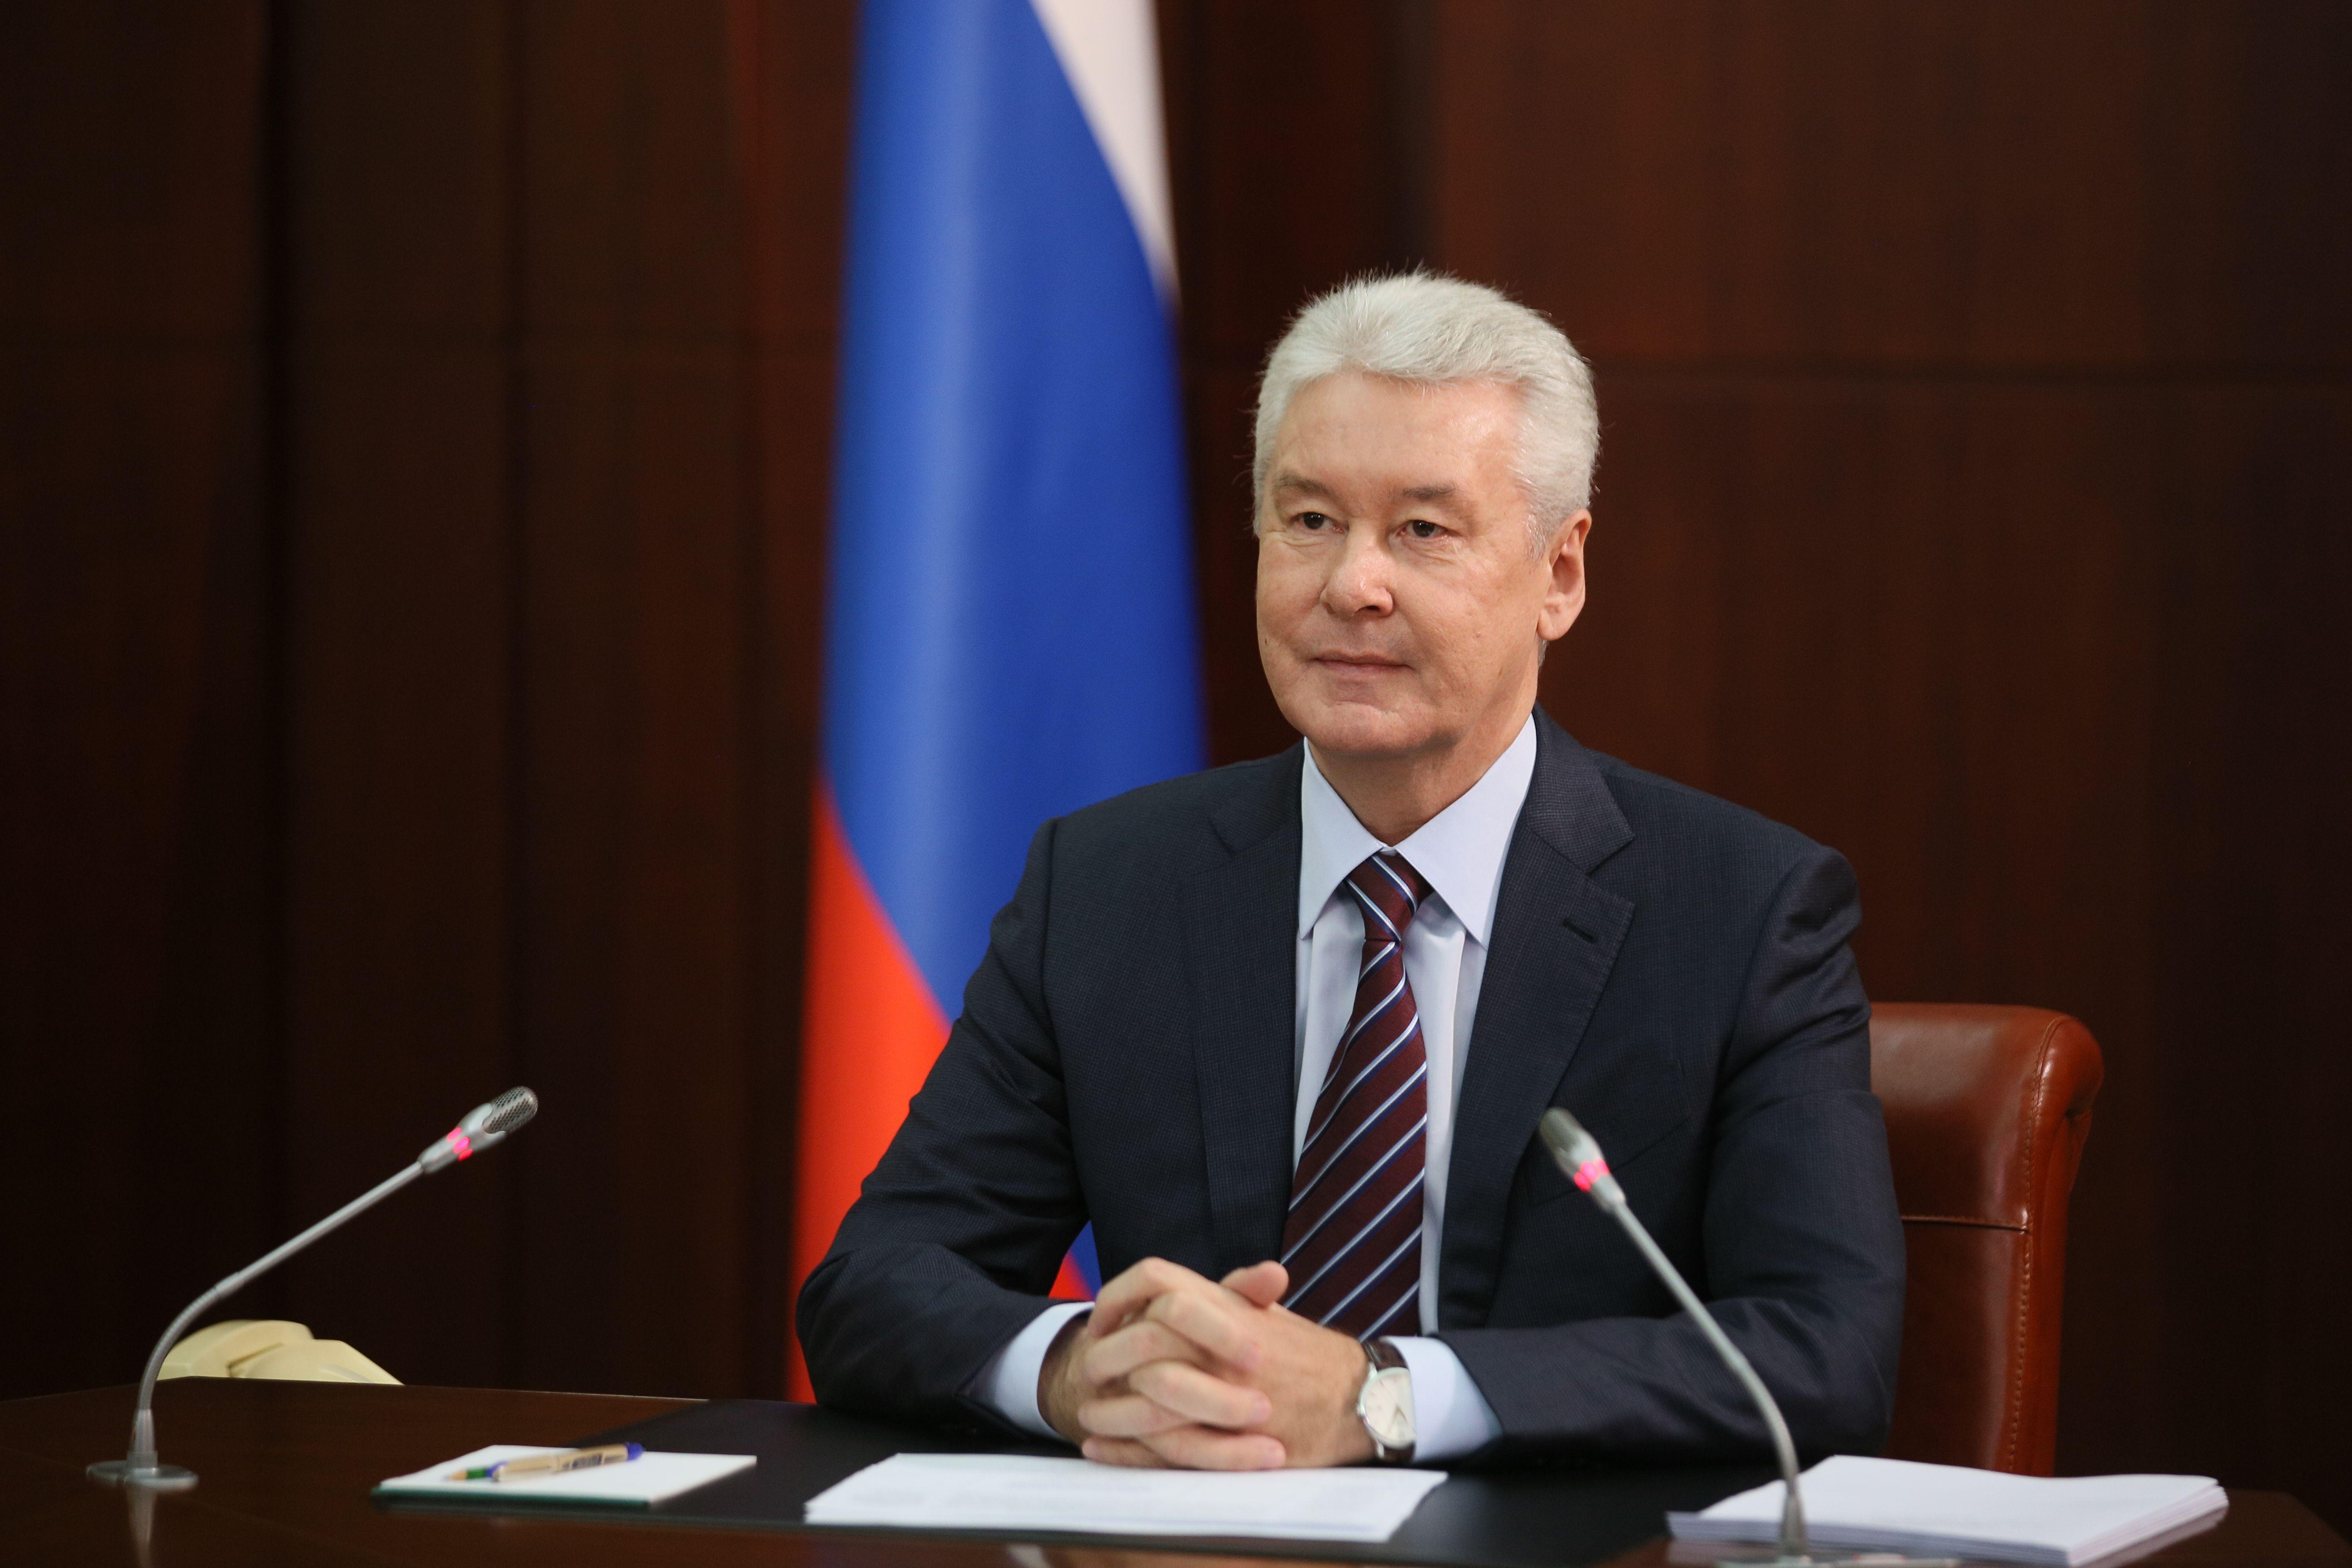 Сергей Собянин ответит на вопросы москвичей в прямом эфире